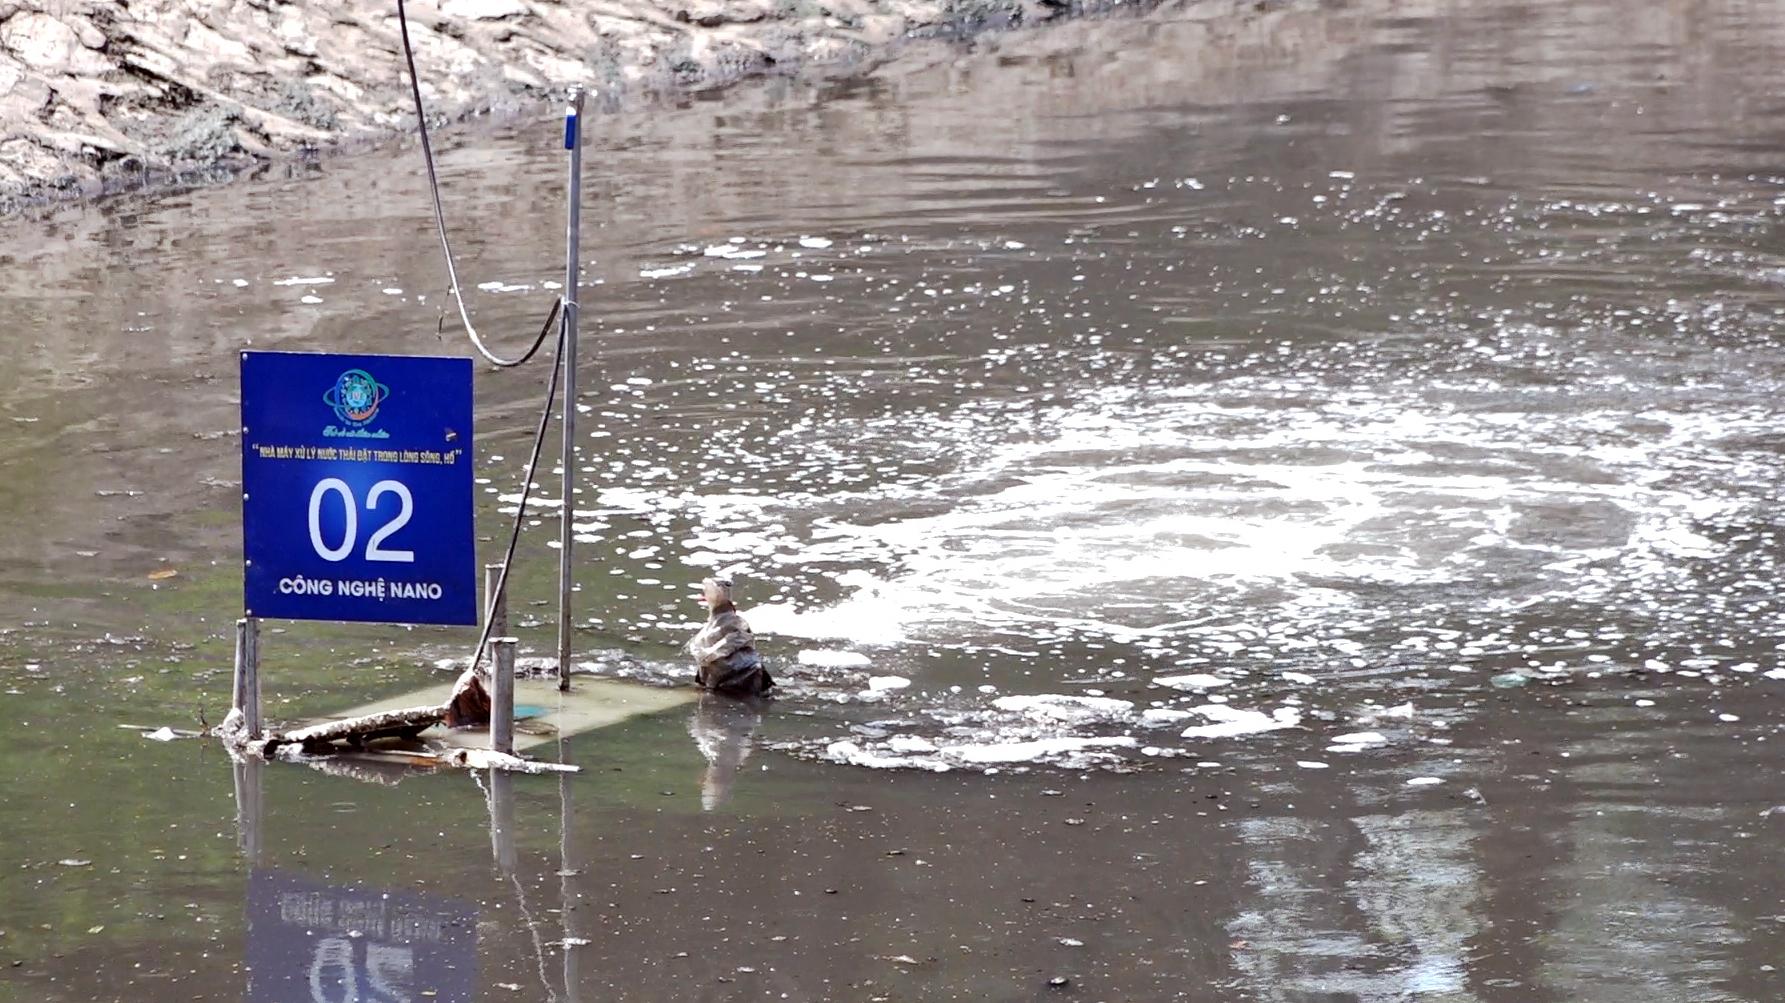 Lần đầu công bố kết quả làm sạch sông Tô Lịch bằng công nghệ Nano